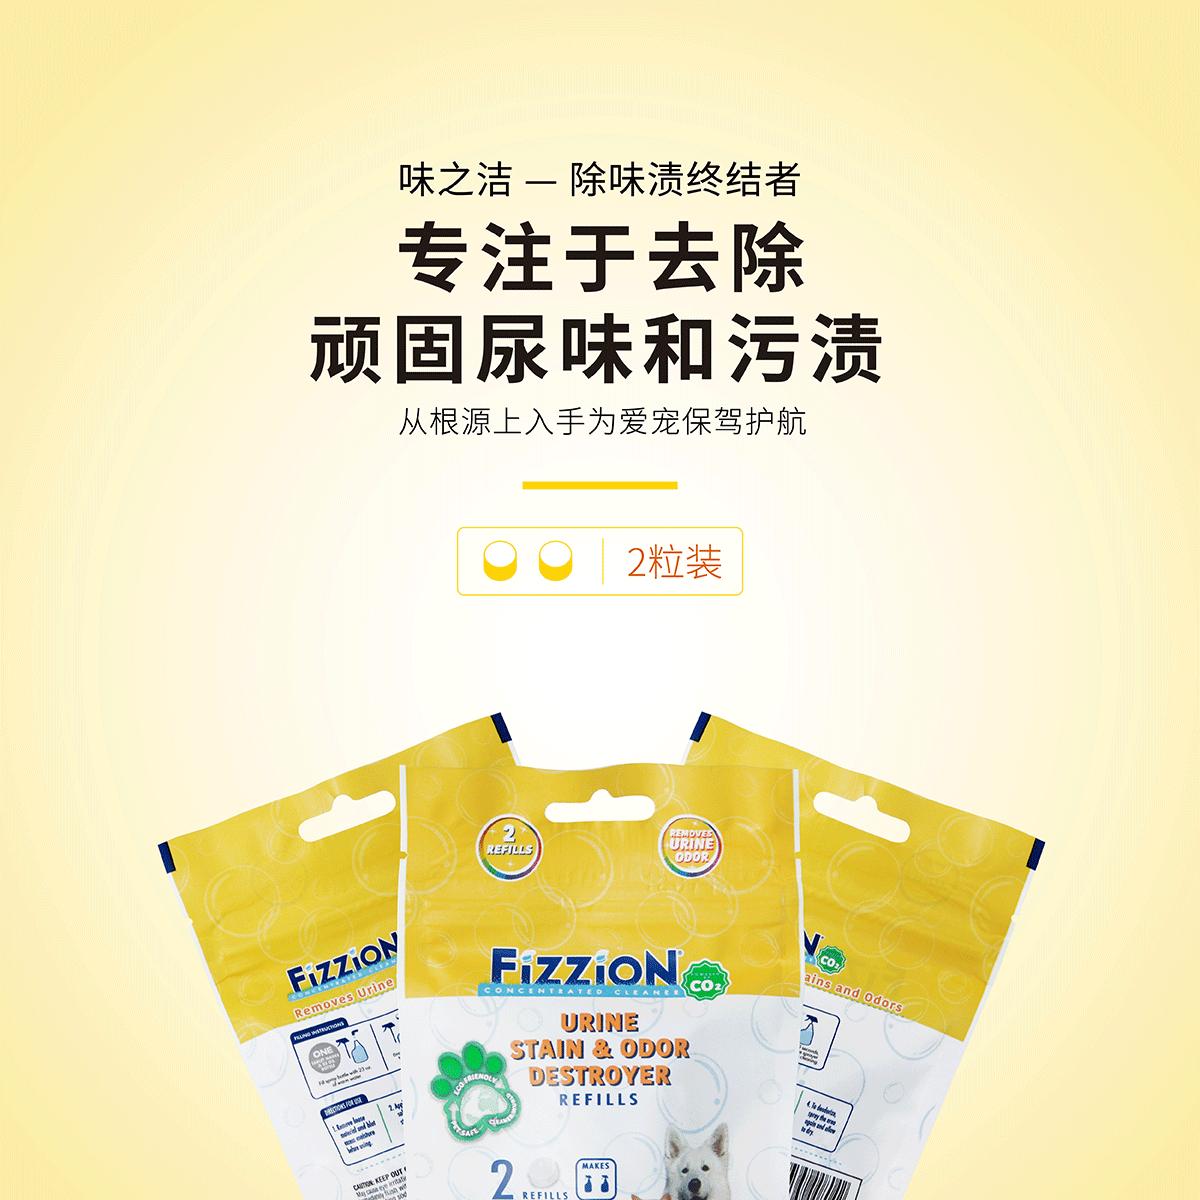 美国 除味剂 Fizzion终结者 味之洁 家用织物宠物猫狗尿清洁2粒装